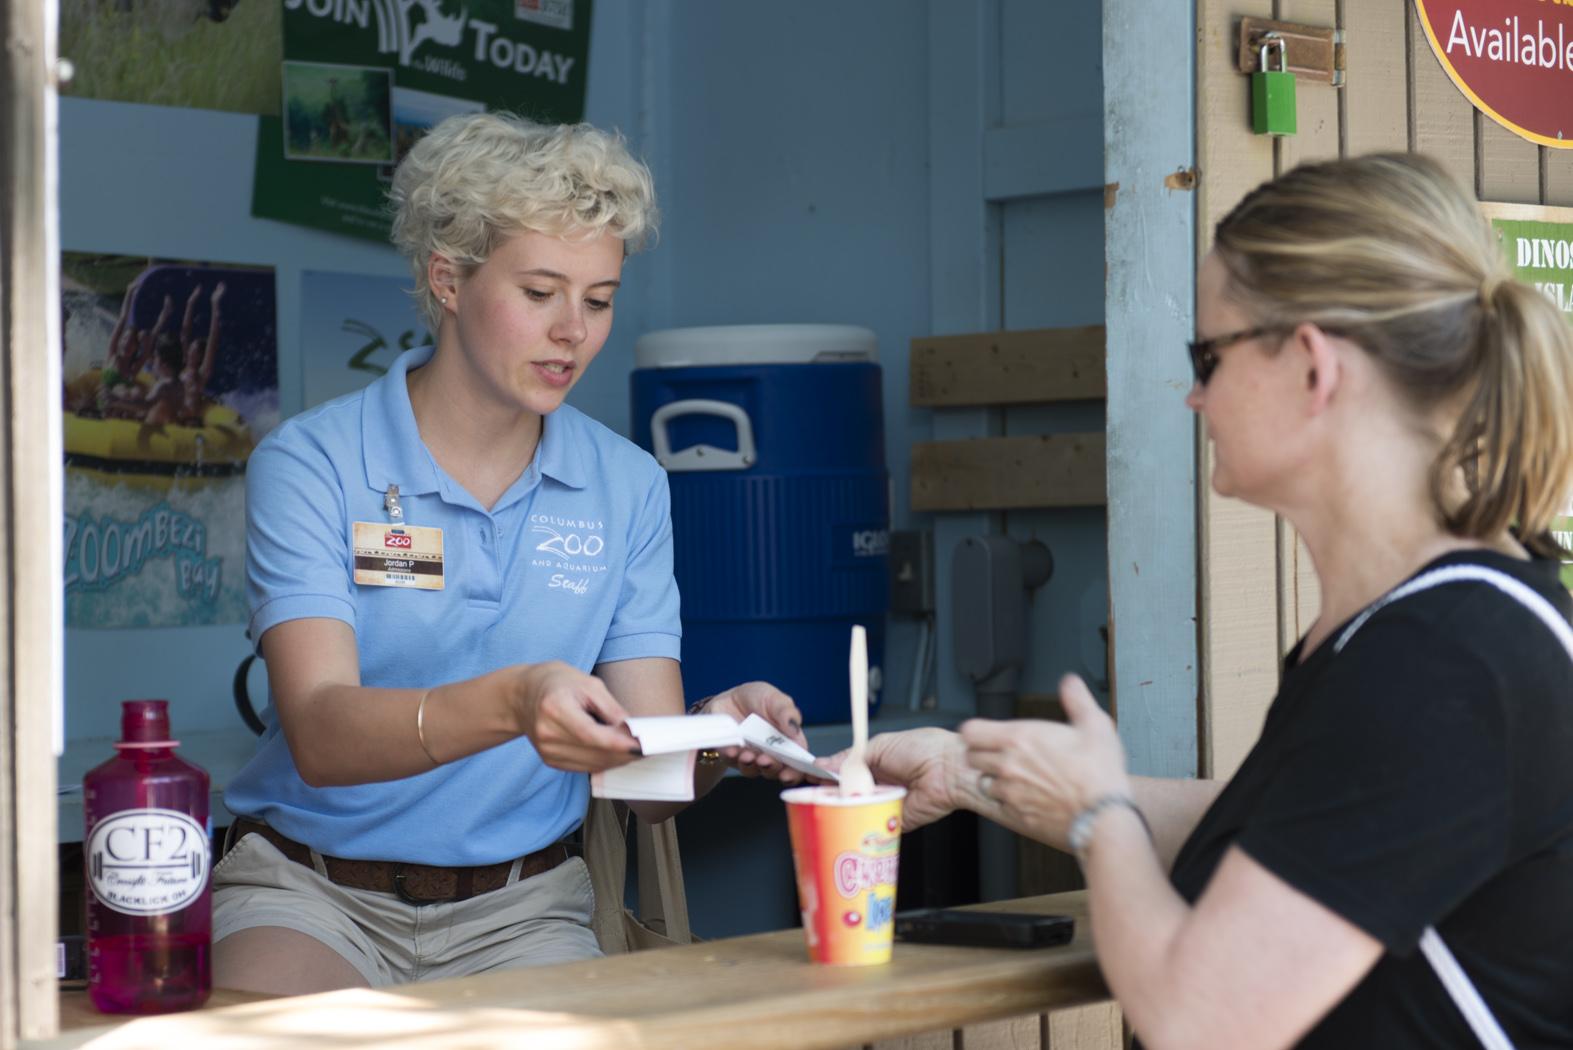 3541 - Amanda Carberry, Columbus Zoo and Aquarium